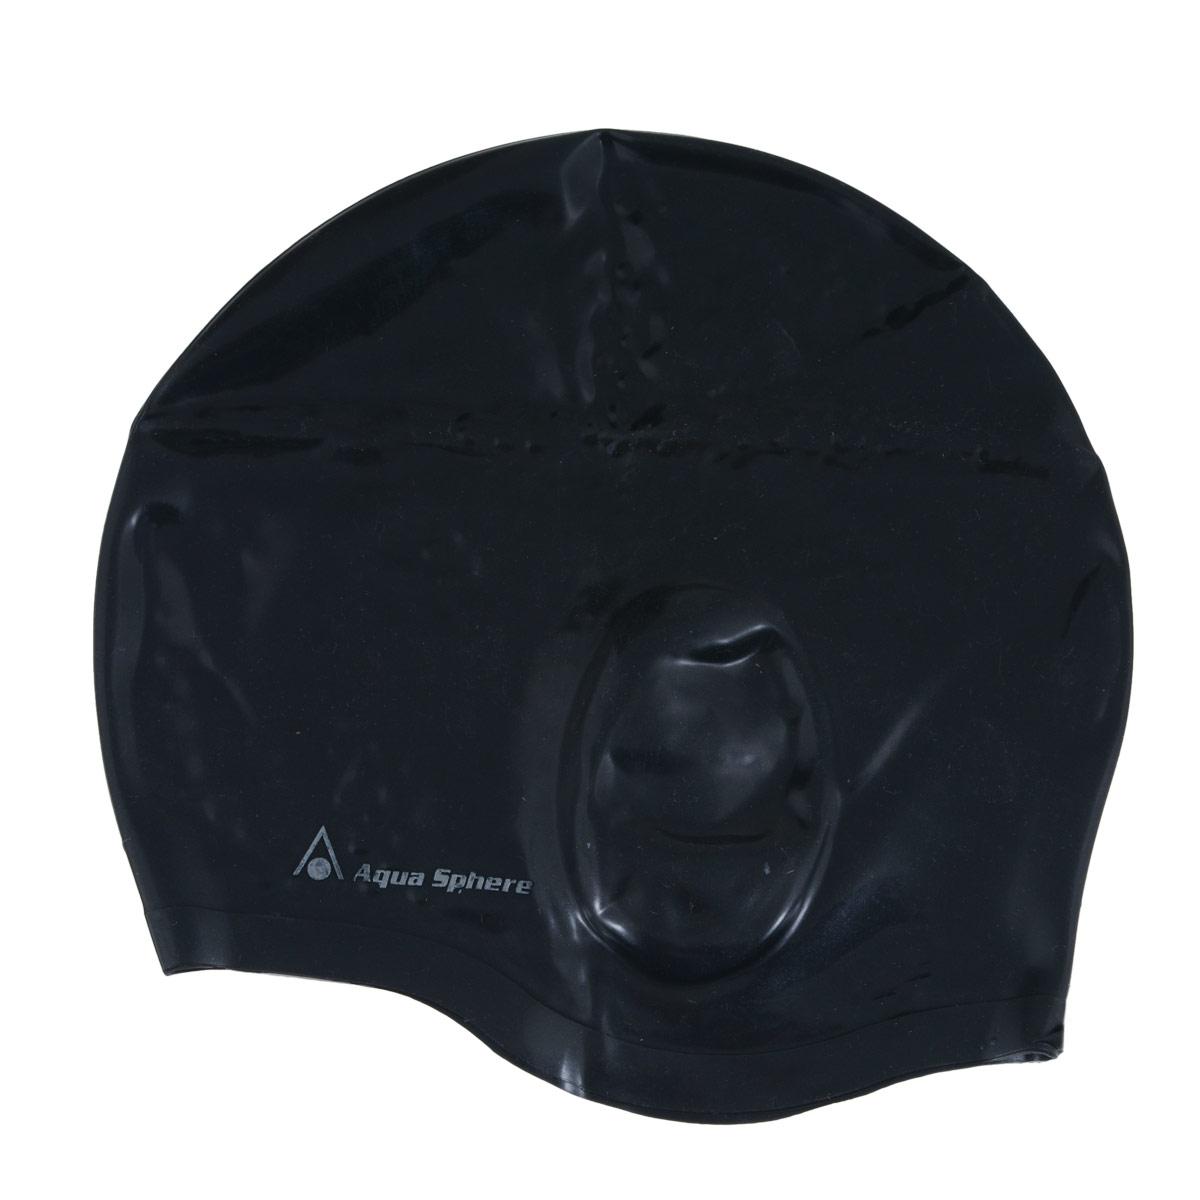 Шапочка для плавания Aqua Sphere Aqua Glide, цвет: черный носки мужские дмитрий упаковка 5 пар